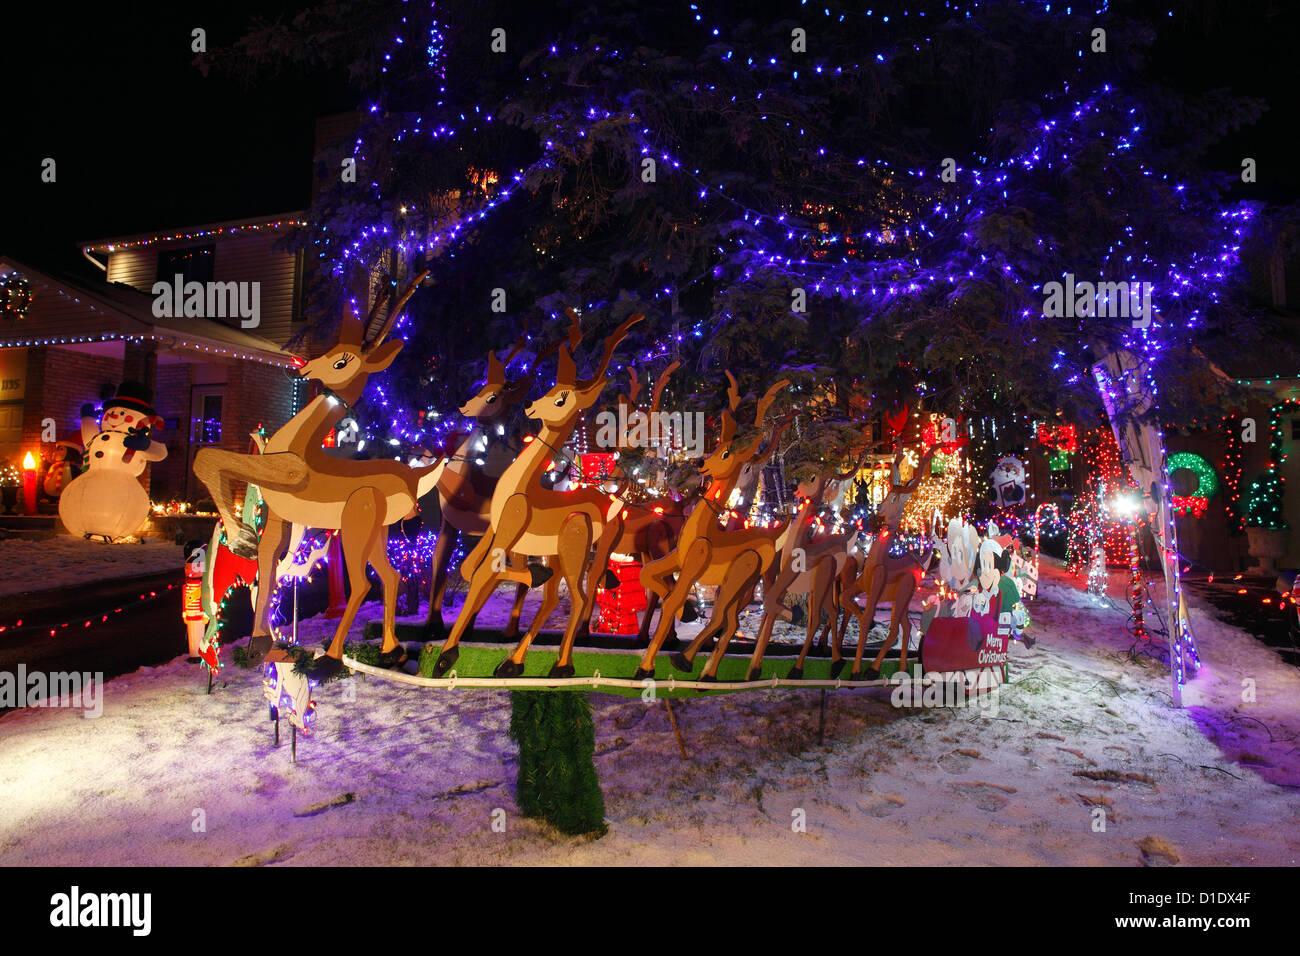 Weihnachtsbeleuchtung Schlitten Rentiere.Christmas Lights Reindeer Sleigh Stockfotos Christmas Lights